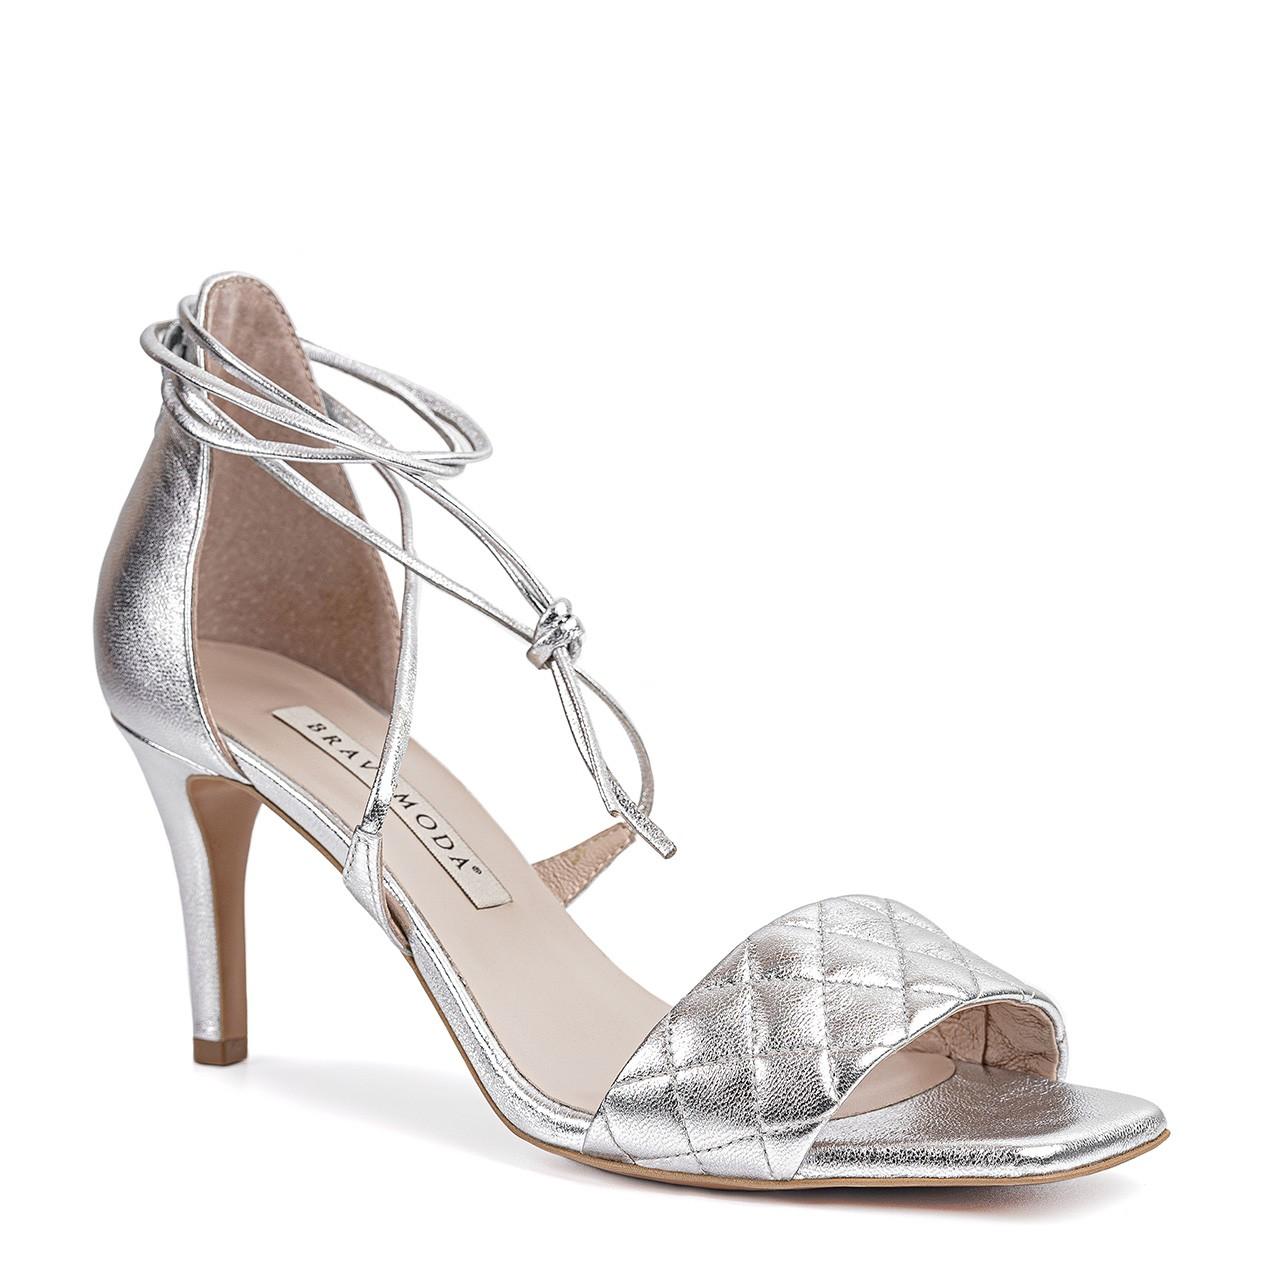 Srebrne buty na szpilce z ciekawym wiązaniem na kostce